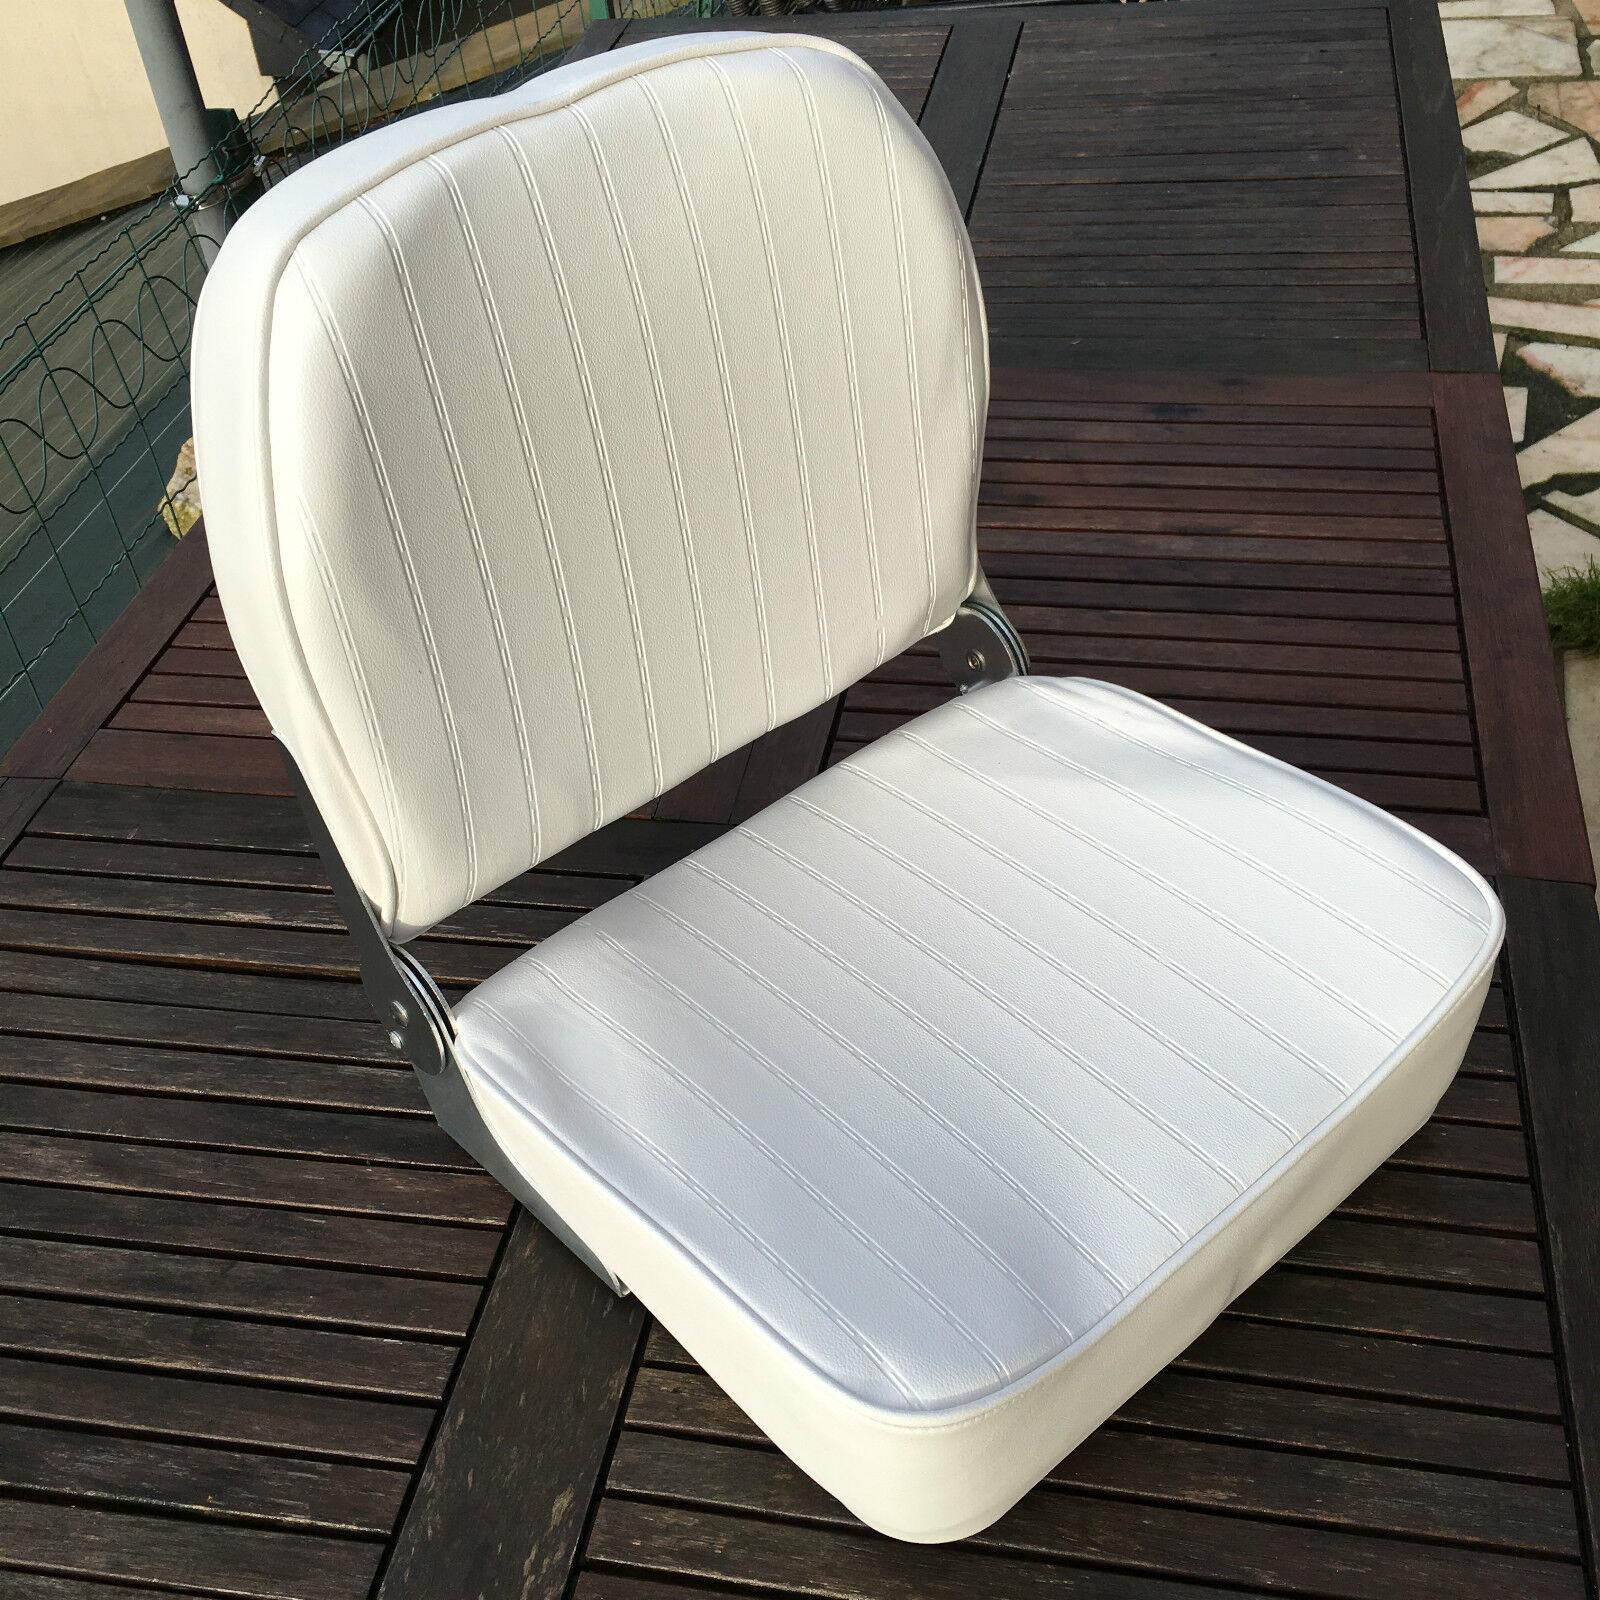 Lote de 2 Asiento Barco Plegable Skai  blancoo  tienda de venta en línea